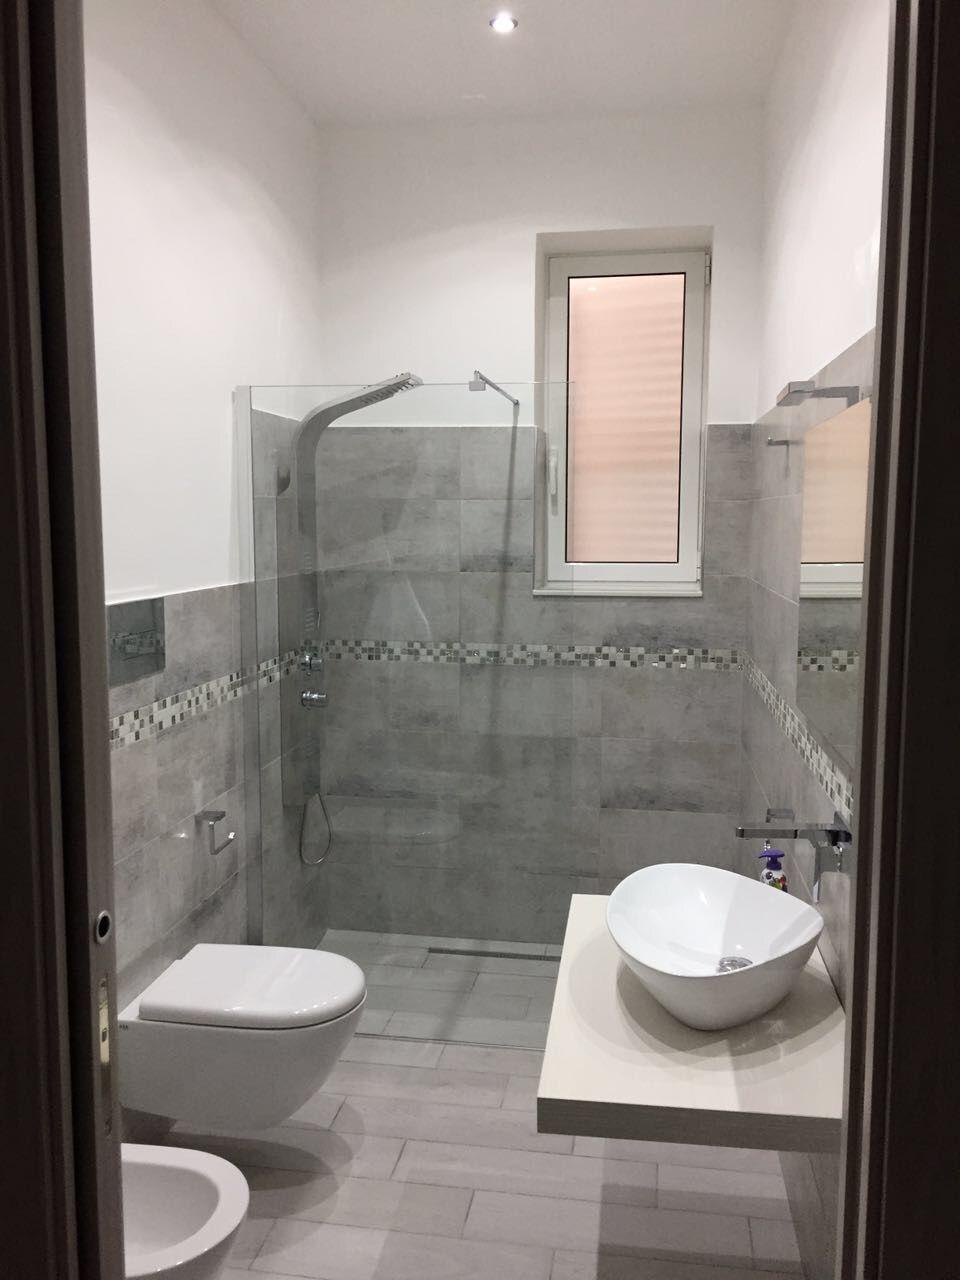 Foto Bagni Moderni Grigio.Bagno Moderno Grigio Bianco Mosaico Arredo Bagno Moderno